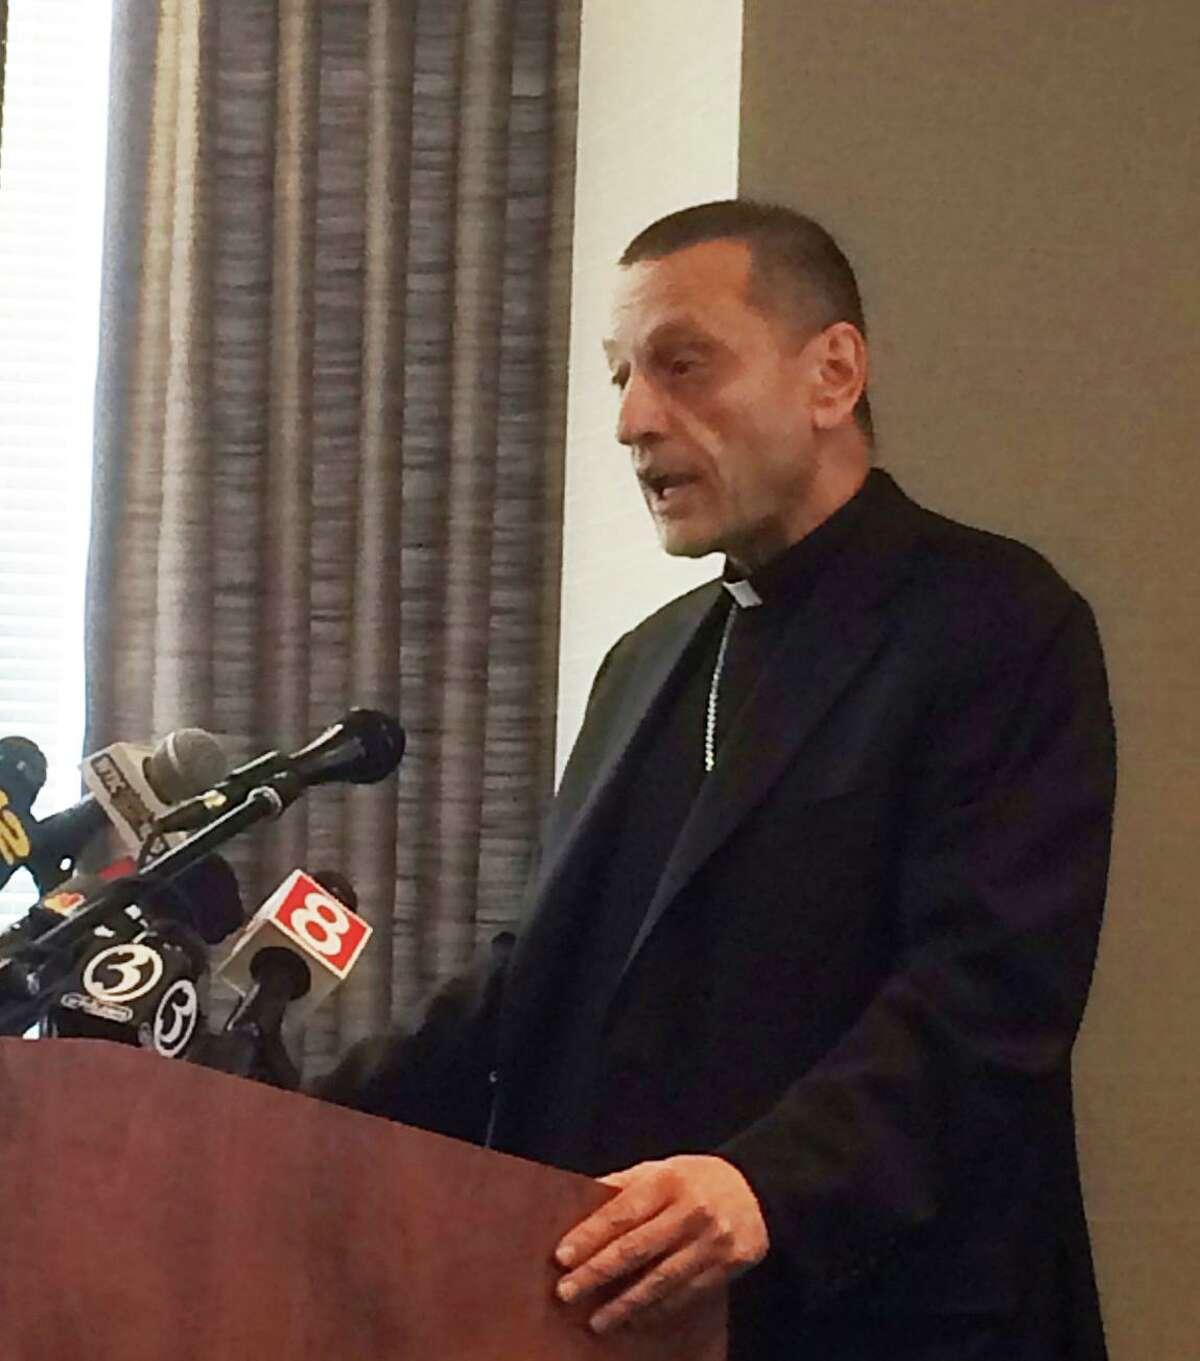 Bishop Frank Caggiano